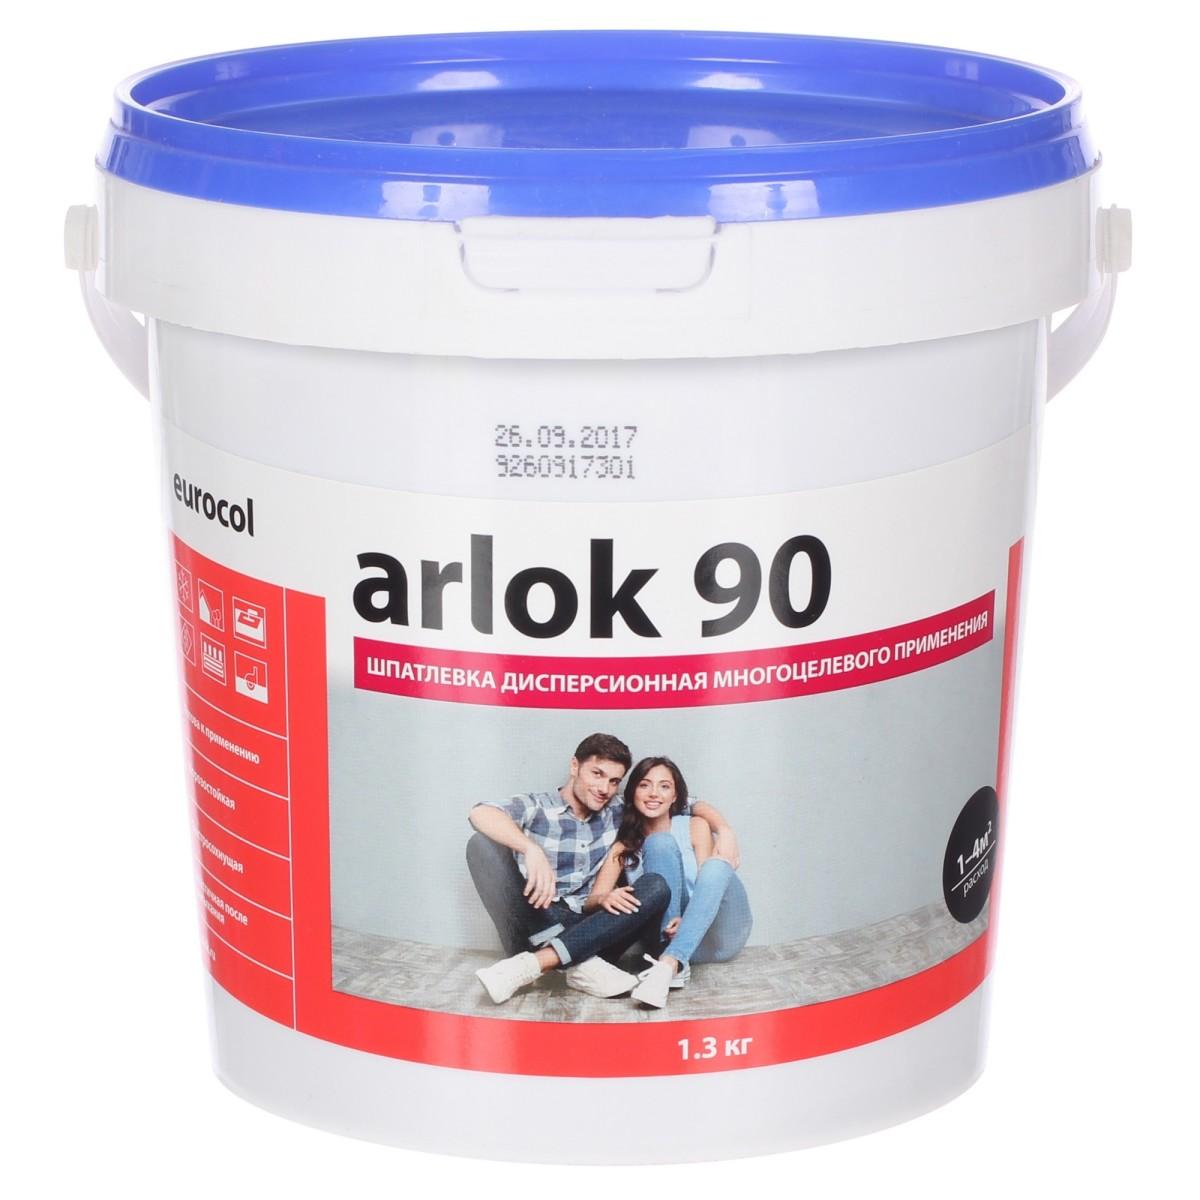 Шпаклевка водно-дисперсионная 1.3 кг